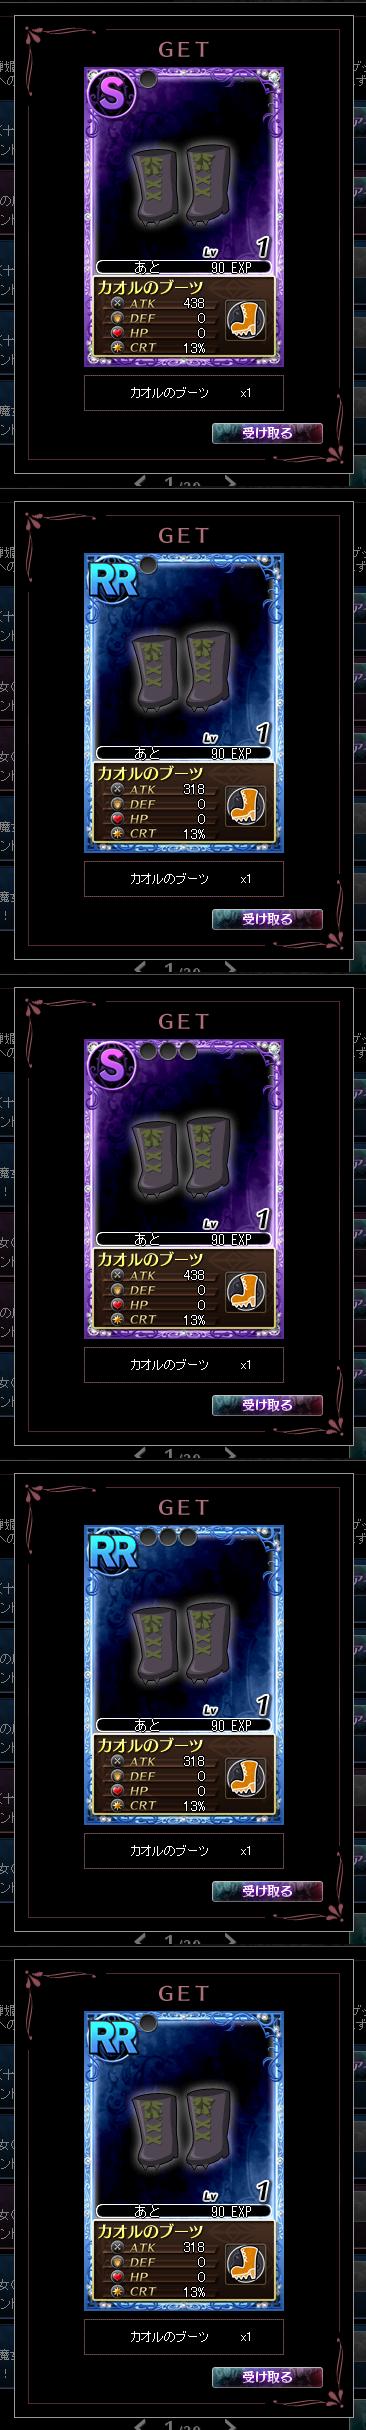 2013/10/14 カオルのブーツ5